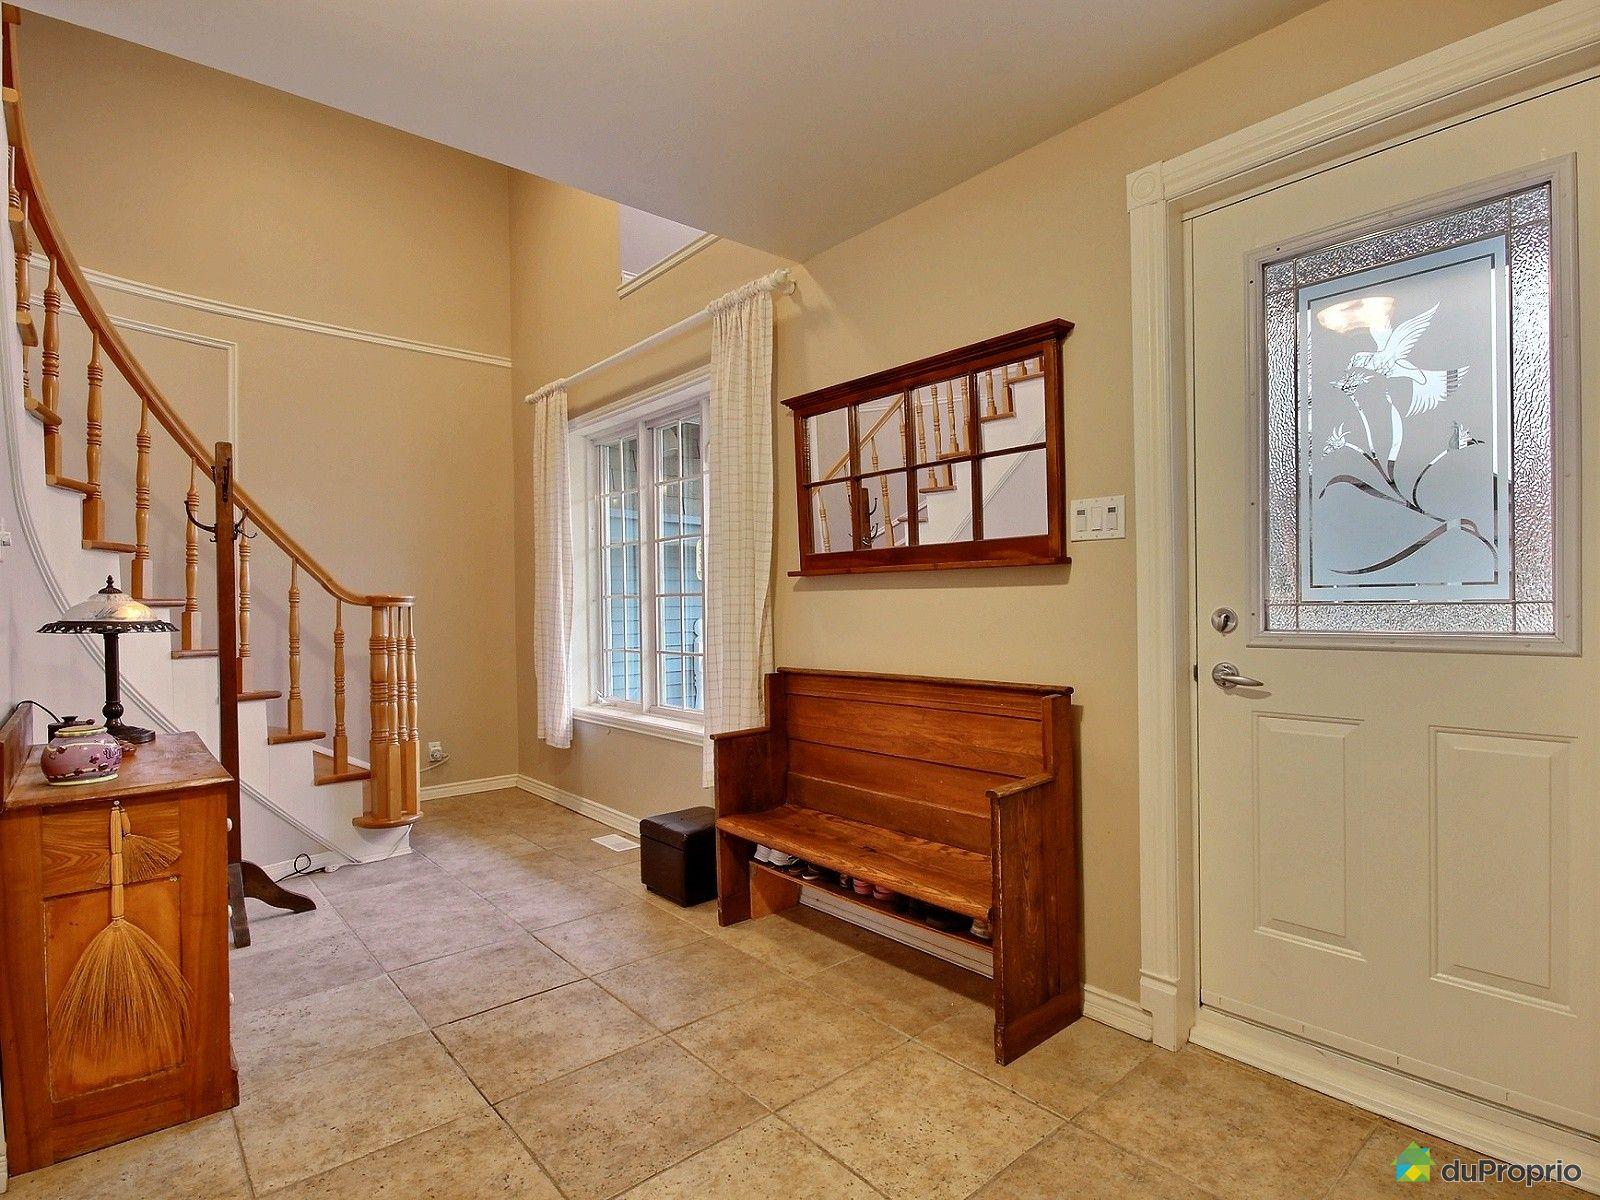 bi g n ration vendre ste doroth e 905 rue drouin immobilier qu bec duproprio 556461. Black Bedroom Furniture Sets. Home Design Ideas